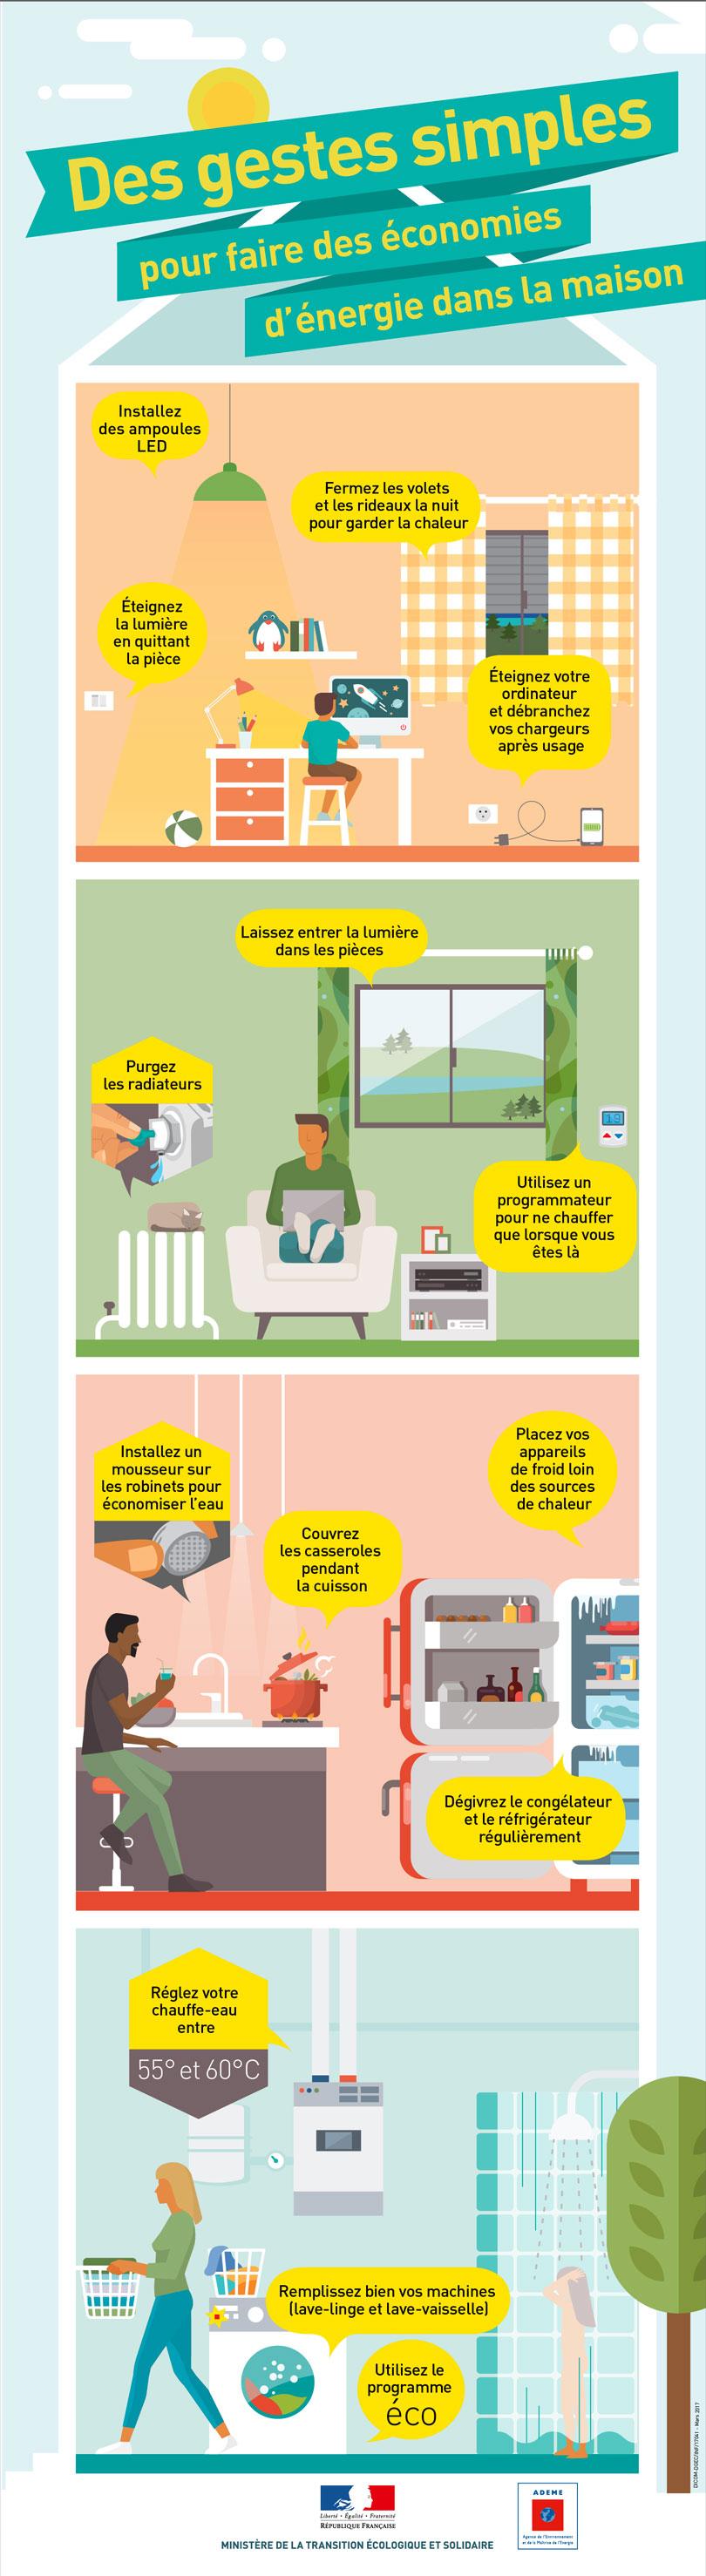 des gestes simples pour faire des conomies d 39 nergie dans la maison construction21. Black Bedroom Furniture Sets. Home Design Ideas